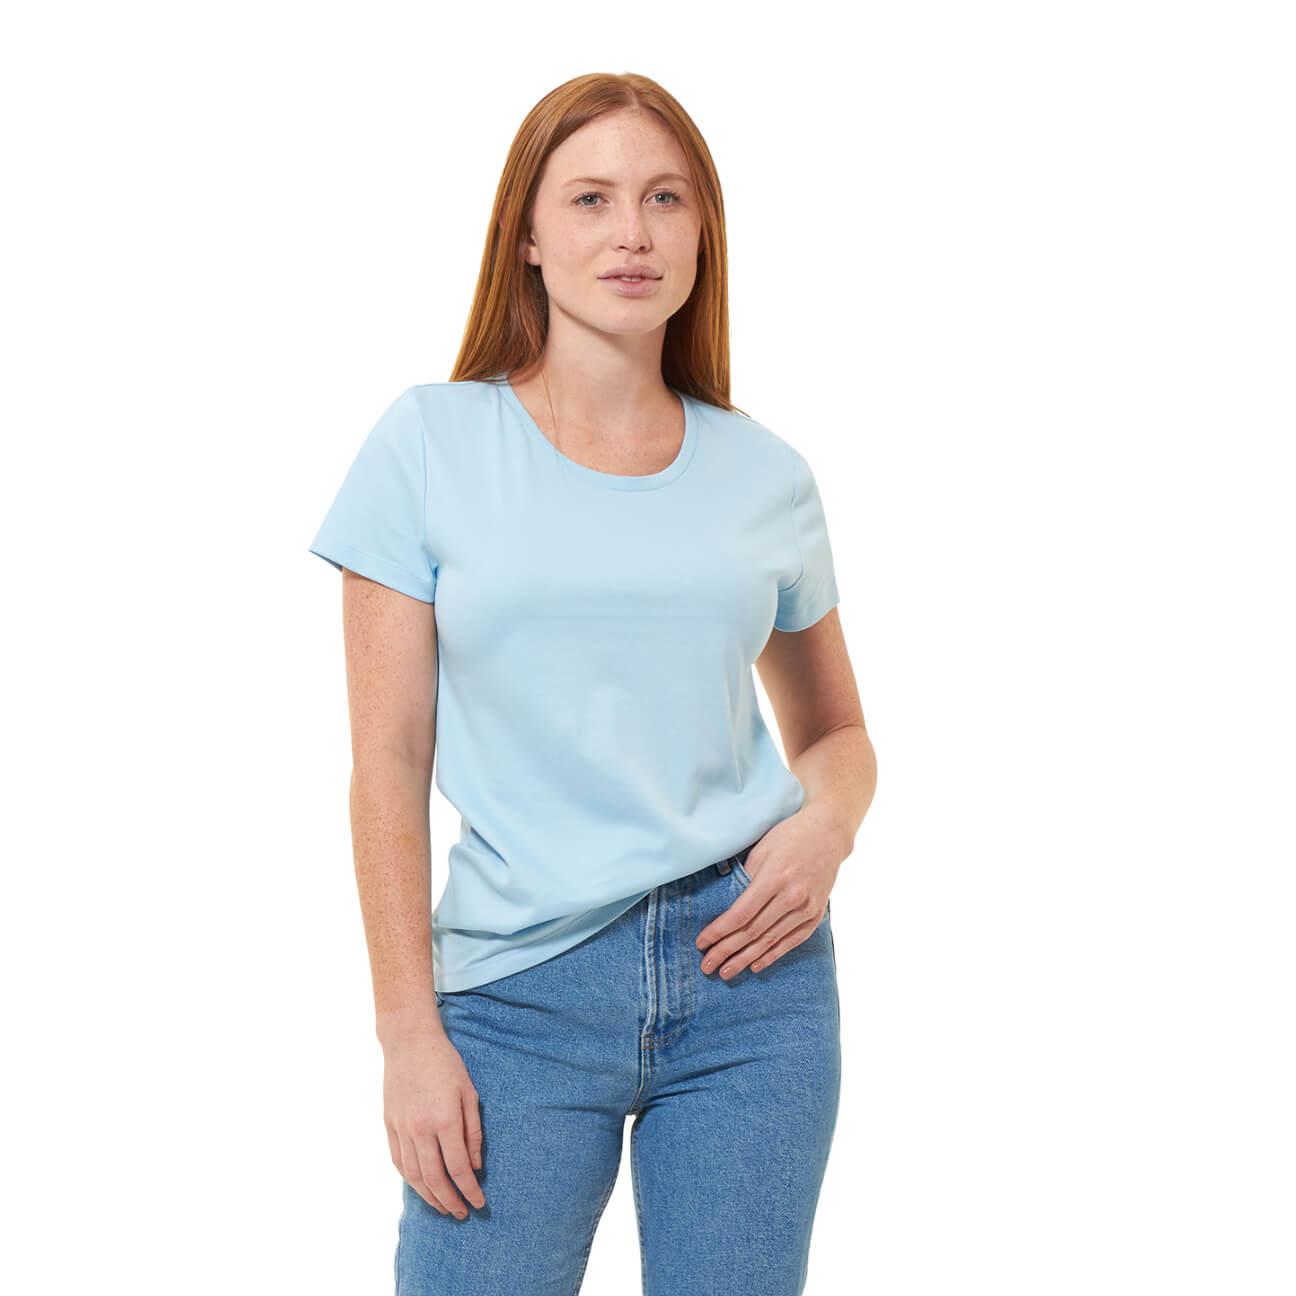 Franela basica dama cuello redondo azul claro